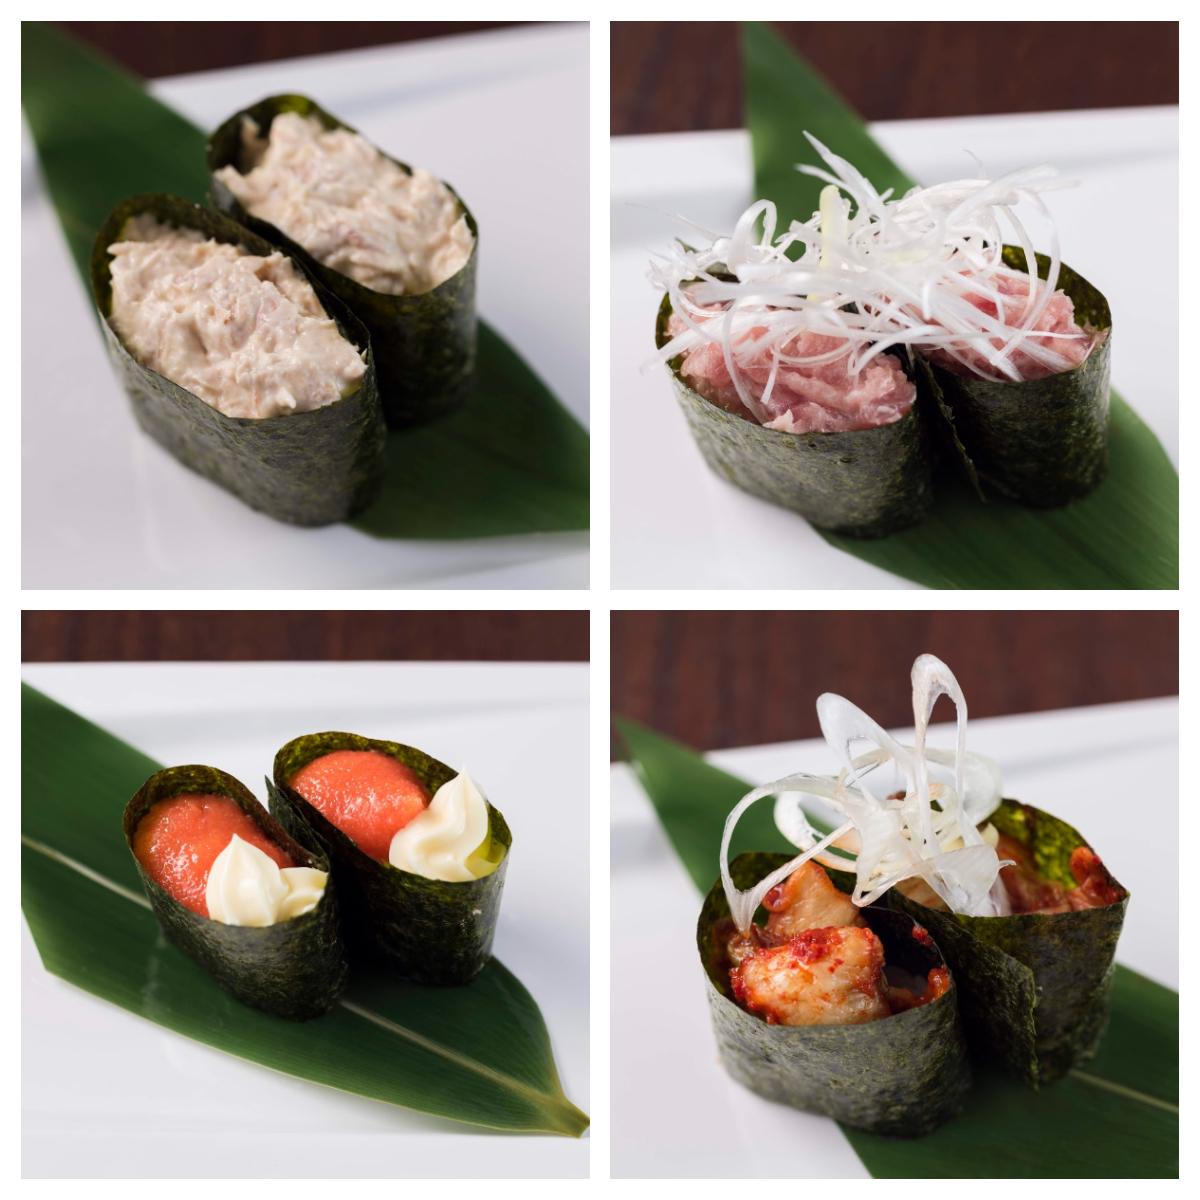 ツナマヨ寿司/ネギトロ寿司/明太マヨ寿司/キムチ寿司